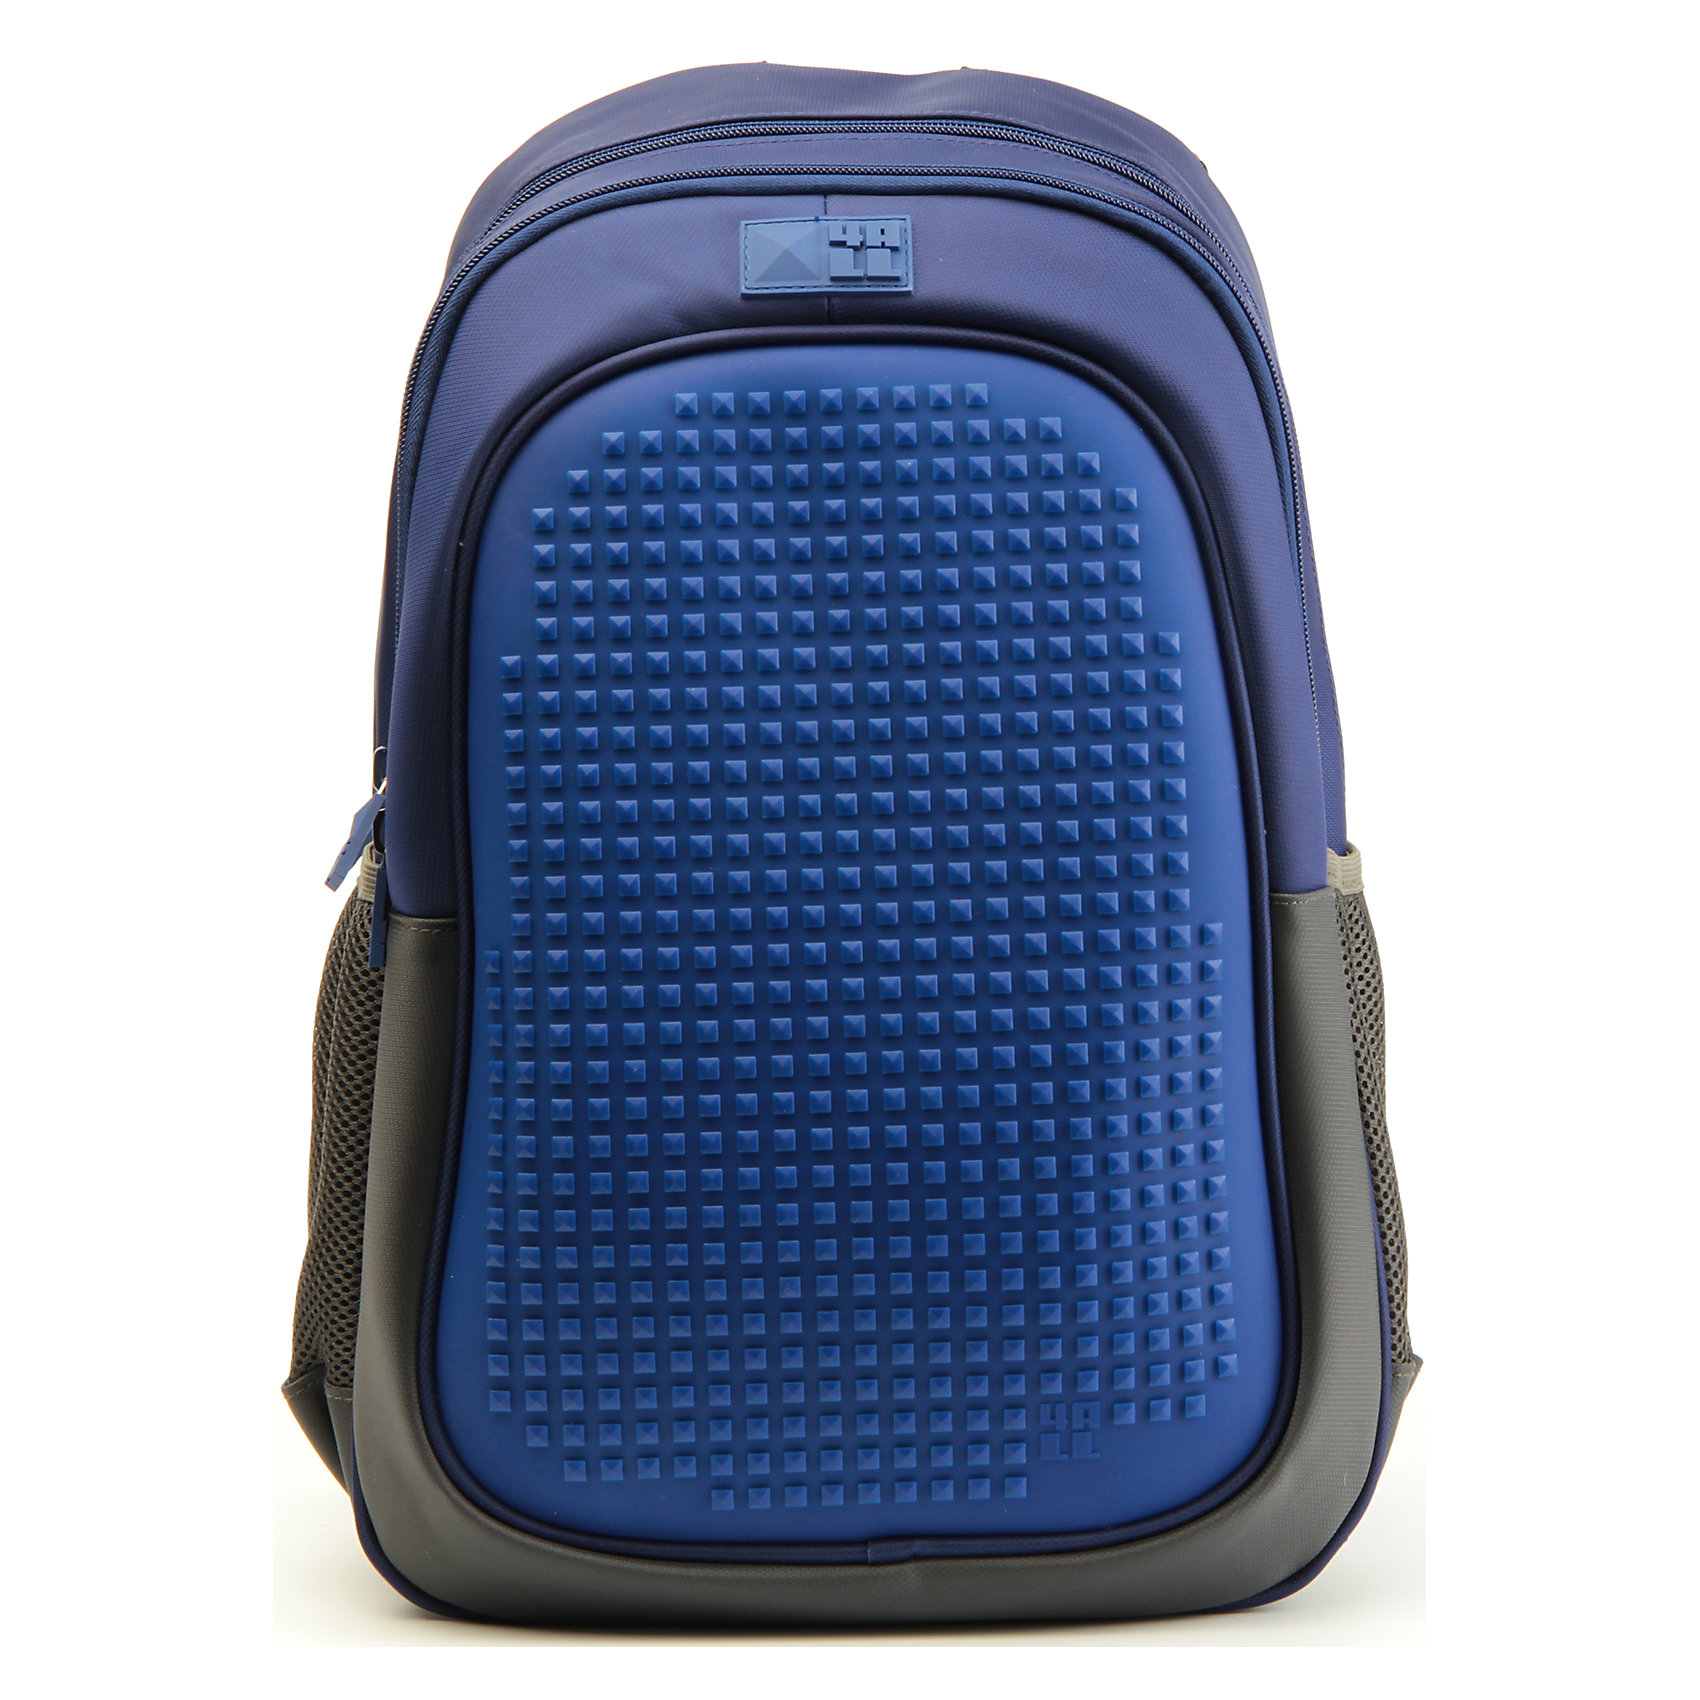 4ALL Рюкзак Case, темно-синийРюкзаки<br>Яркий, вместительный рюкзак с одним большим отделением, карманом и силиконовой панелью для творчества. Развлечение и первые опыты в современном искусстве!<br>Такой современный и интересный ранец будет прекрасным подарком к 1 сентября!<br><br>Особенности:<br>AIR COMFORT system:<br>- Система свободной циркуляции воздуха между задней стенкой рюкзака и спиной ребенка.<br>- Совместно с ортопедической спиной ERGO system эта система воздухообмена делает ежедневное использование рюкзаков KIDS безопасным для здоровья и максимально комфортным!<br>ERGO system:<br>- Разработанная нами система ERGO служит равномерному распределению нагрузки на спину ребенка. Она способна сделать рюкзак, наполненный учебниками, легким. ERGO служит сохранению правильной осанки и заботится о здоровье позвоночника!<br>Ортопедическая спина:<br>- Важное свойство наших рюкзаков - ортопедическая спина! Способна как корсет поддерживать позвоночник, правильно распределяя нагрузку, а так же обеспечивает циркуляцию воздуха между задней стенкой рюкзака и спиной ребенка!<br>А также:<br>- Гипоаллергенный силикон;<br>- Водоотталкивающие материалы;<br>- Устойчивость всех материалов к температурам воздуха ниже 0!<br><br>Дополнительная информация:<br><br>- Рюкзак уже содержит 1 упаковку разноцветных пикселей-битов (300 шт.) для создания картинок<br>- Цвет: темно-синий;<br>- Объем рюкзака: 25,9 л.<br>- Размер в упаковке: 40х27х17 см.<br>- Вес в упаковке: 780 г.<br><br>Рюкзак Kids в темно-синем цвете , можно купить в нашем магазине.<br><br>Ширина мм: 400<br>Глубина мм: 270<br>Высота мм: 170<br>Вес г: 780<br>Возраст от месяцев: 36<br>Возраст до месяцев: 180<br>Пол: Унисекс<br>Возраст: Детский<br>SKU: 4786364